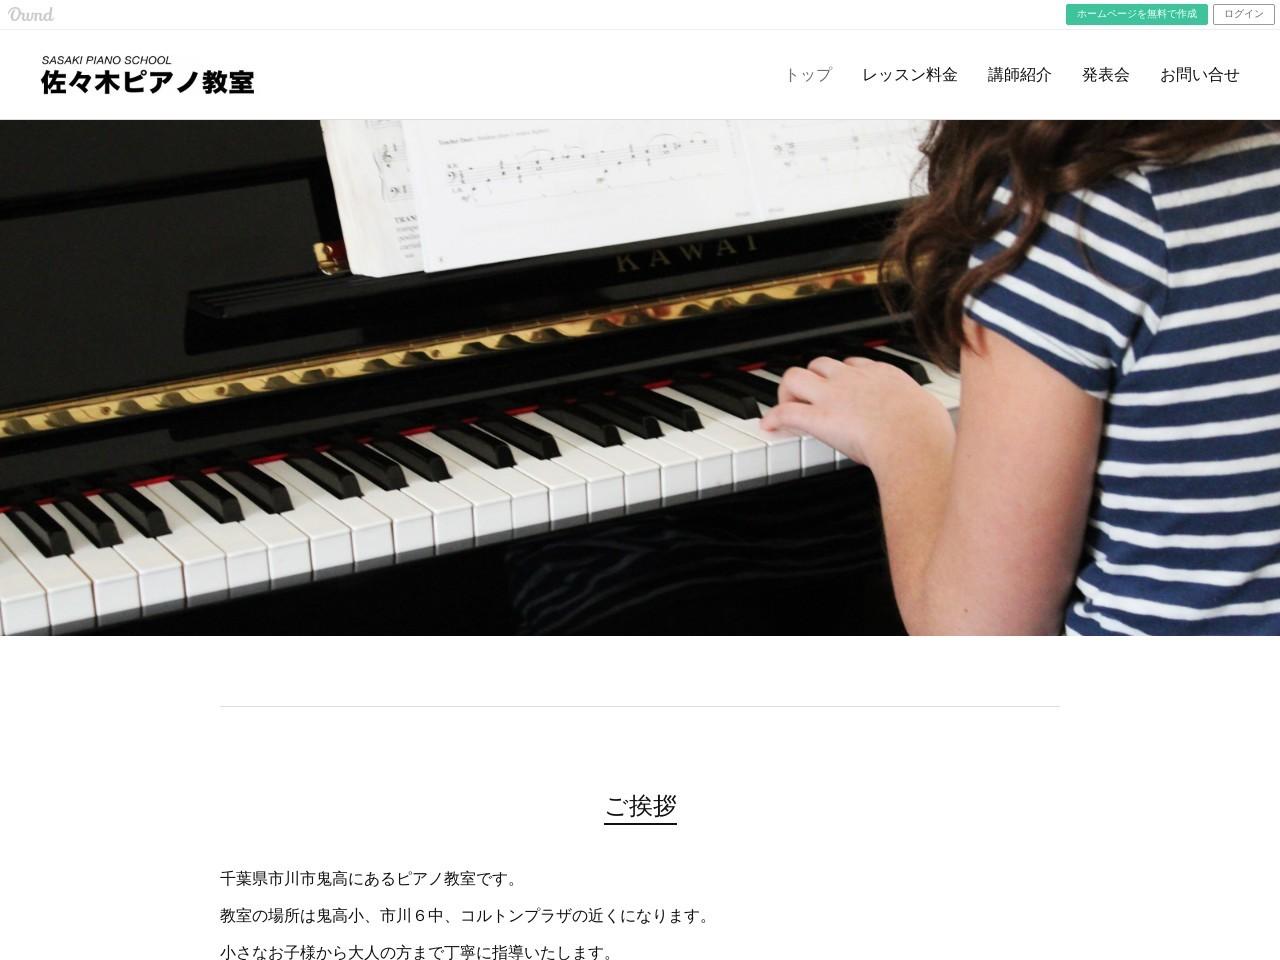 佐々木ピアノ教室のサムネイル